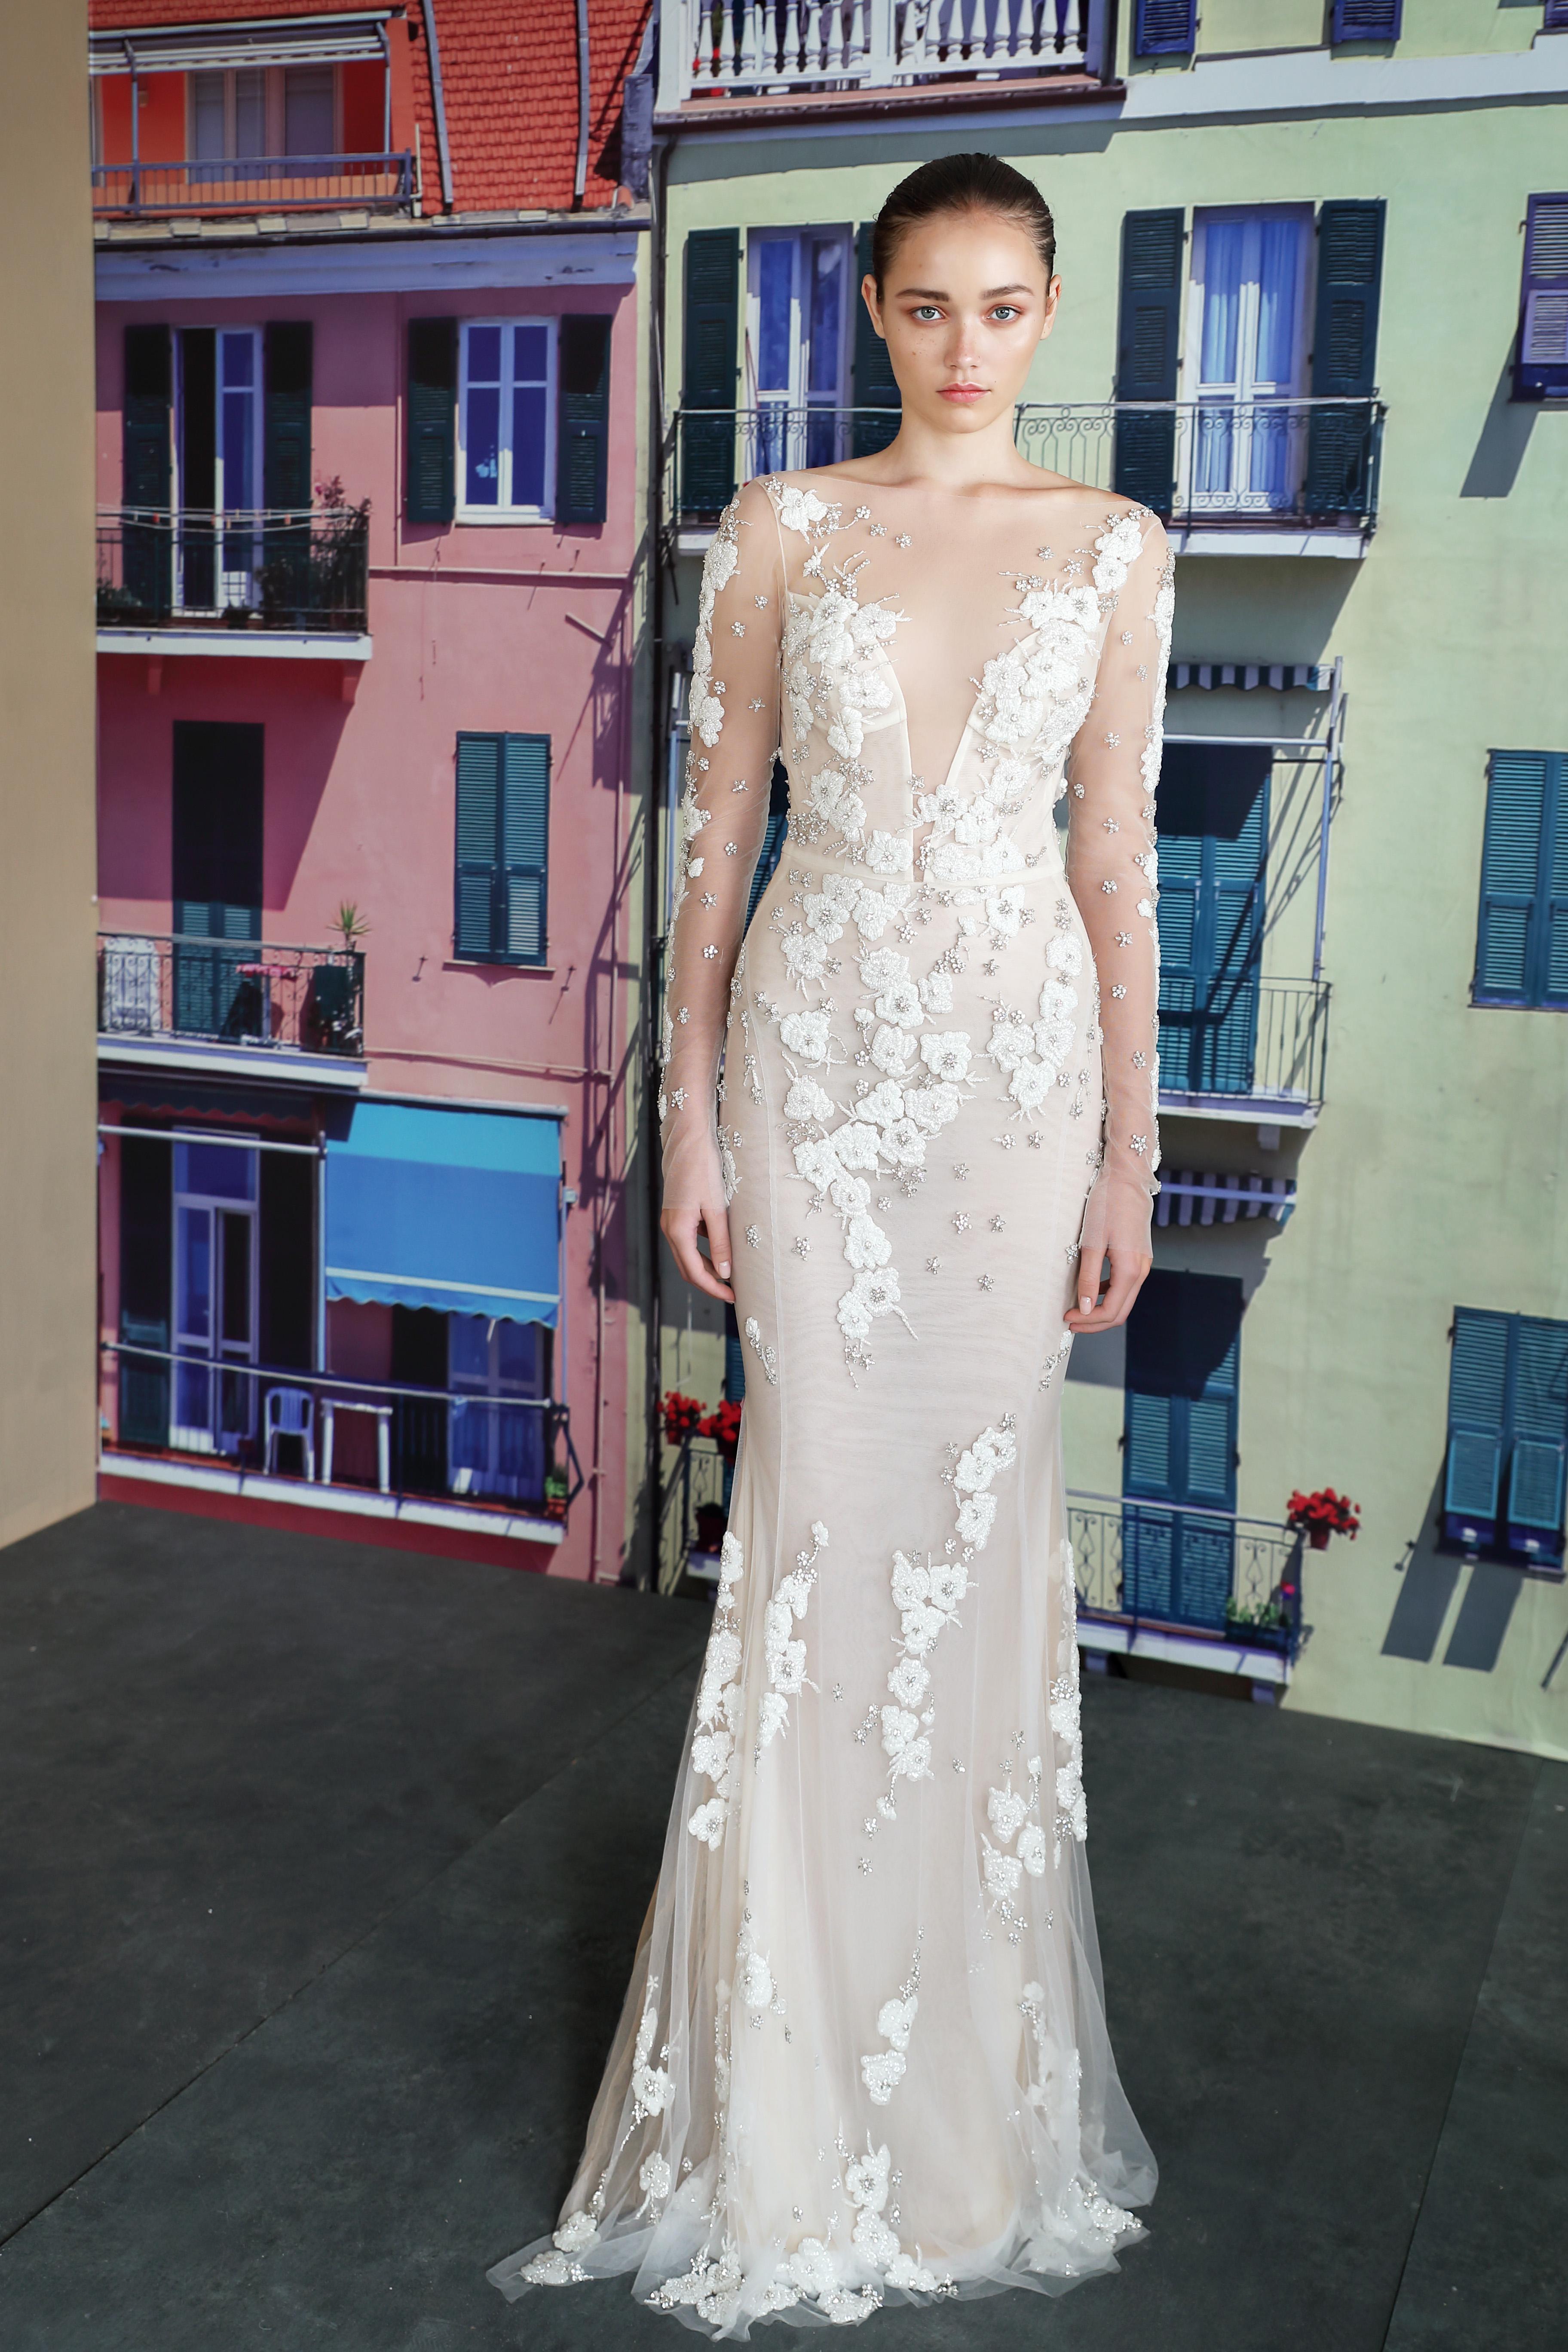 galia lahav illusion v-neck long sleeves wedding dress fall 2019